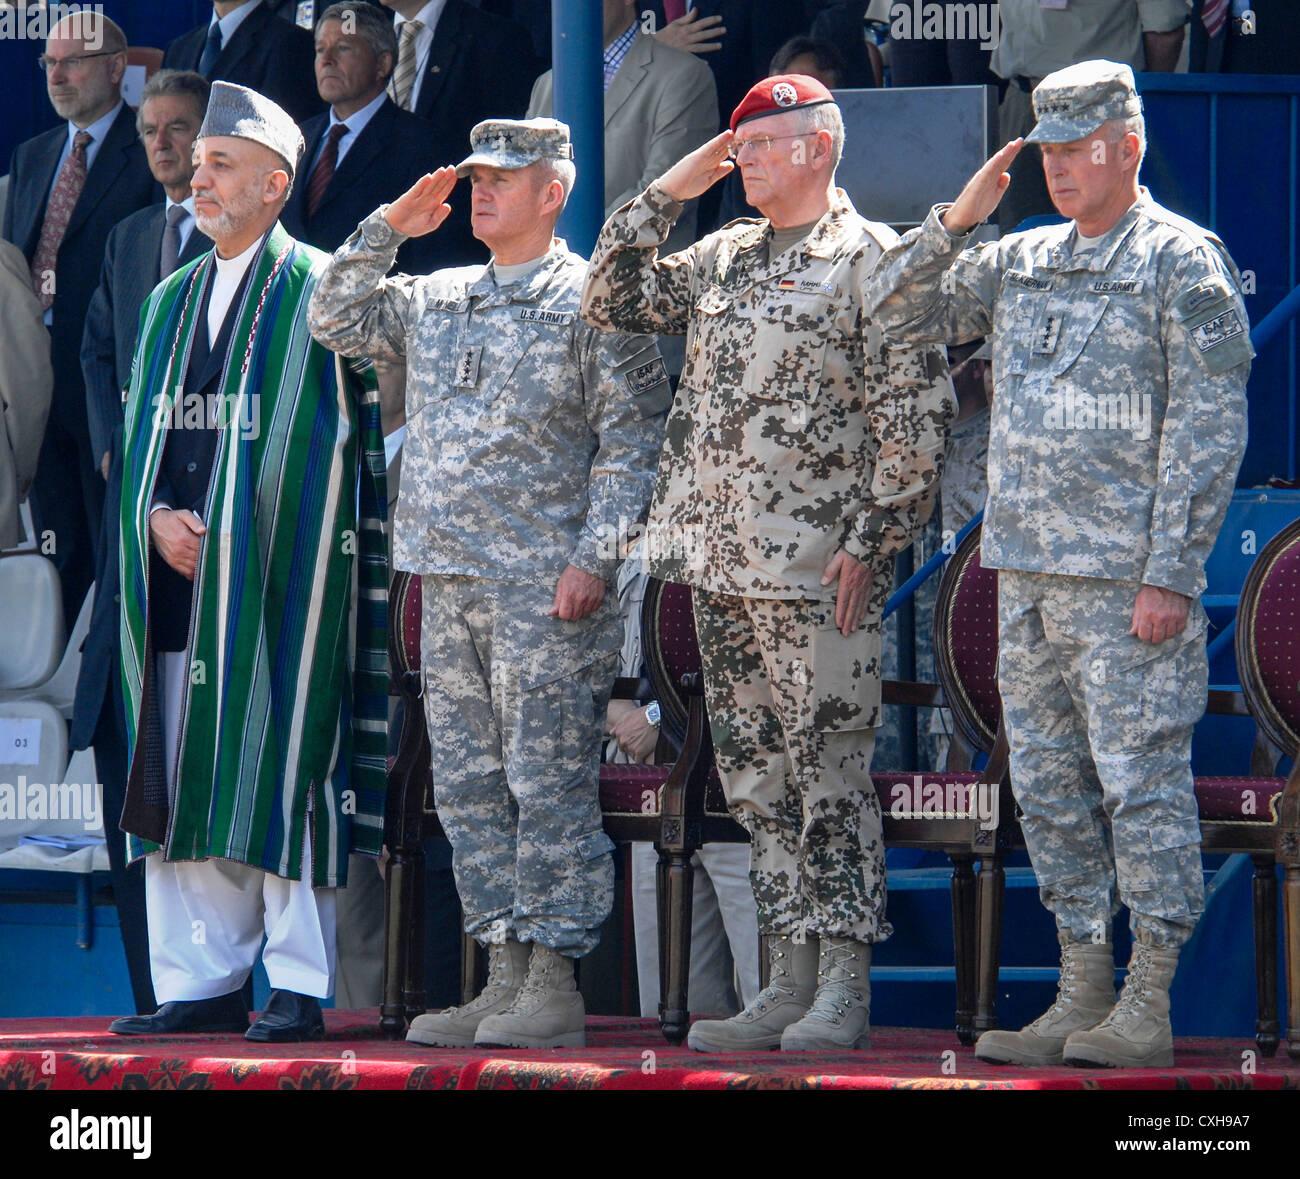 afghan president hamid karzai l stands alongside outgoing isaf commander general dan k